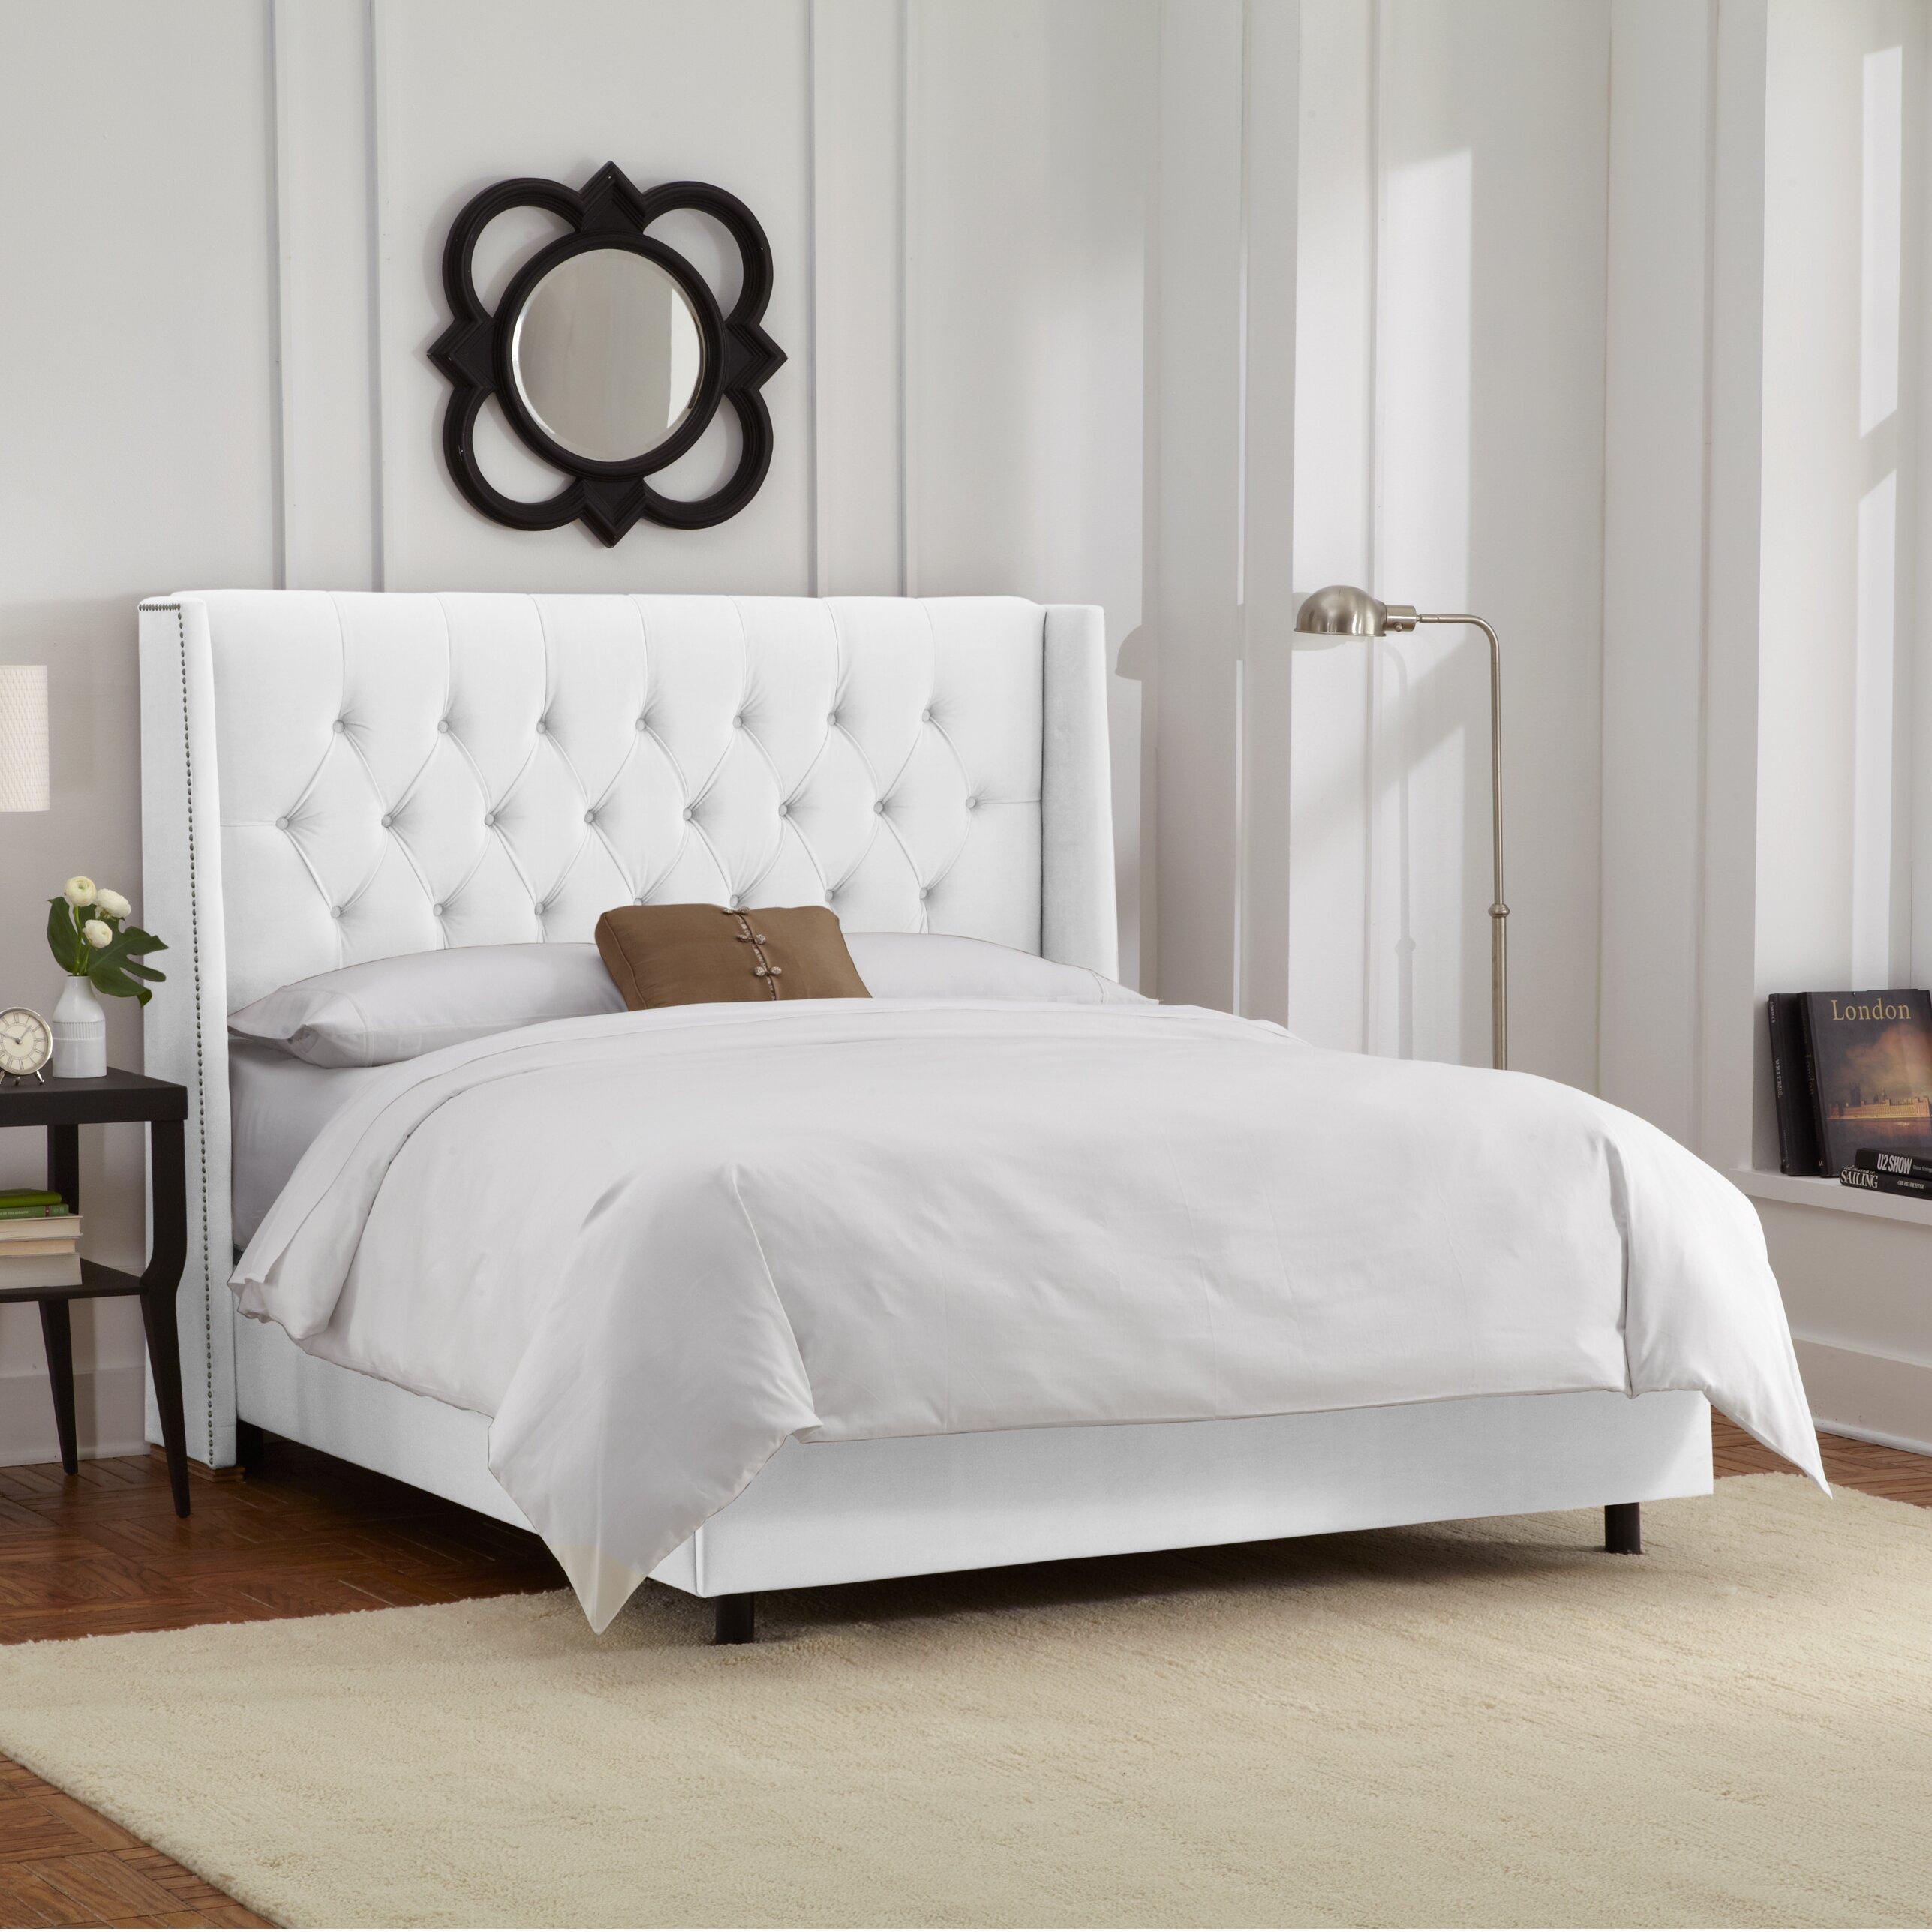 Skyline Bedroom Furniture Skyline Furniture Upholstered Panel Bed Reviews Wayfair